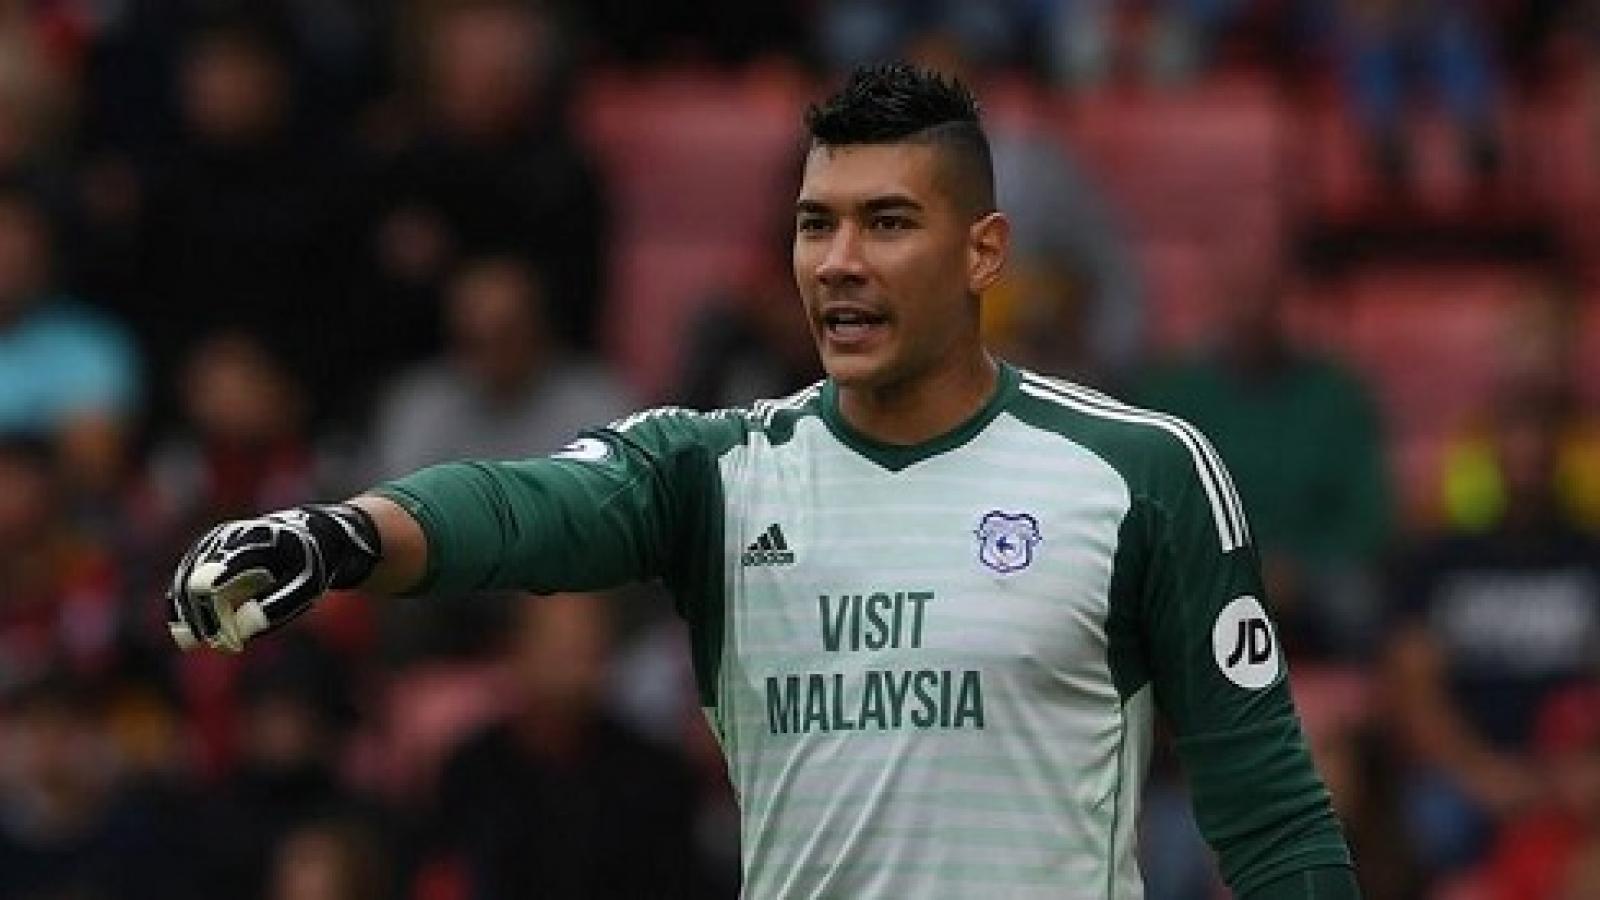 Thủ môn Ngoại hạng Anh kể về khoảnh khắc đánh bại ĐT Việt Nam